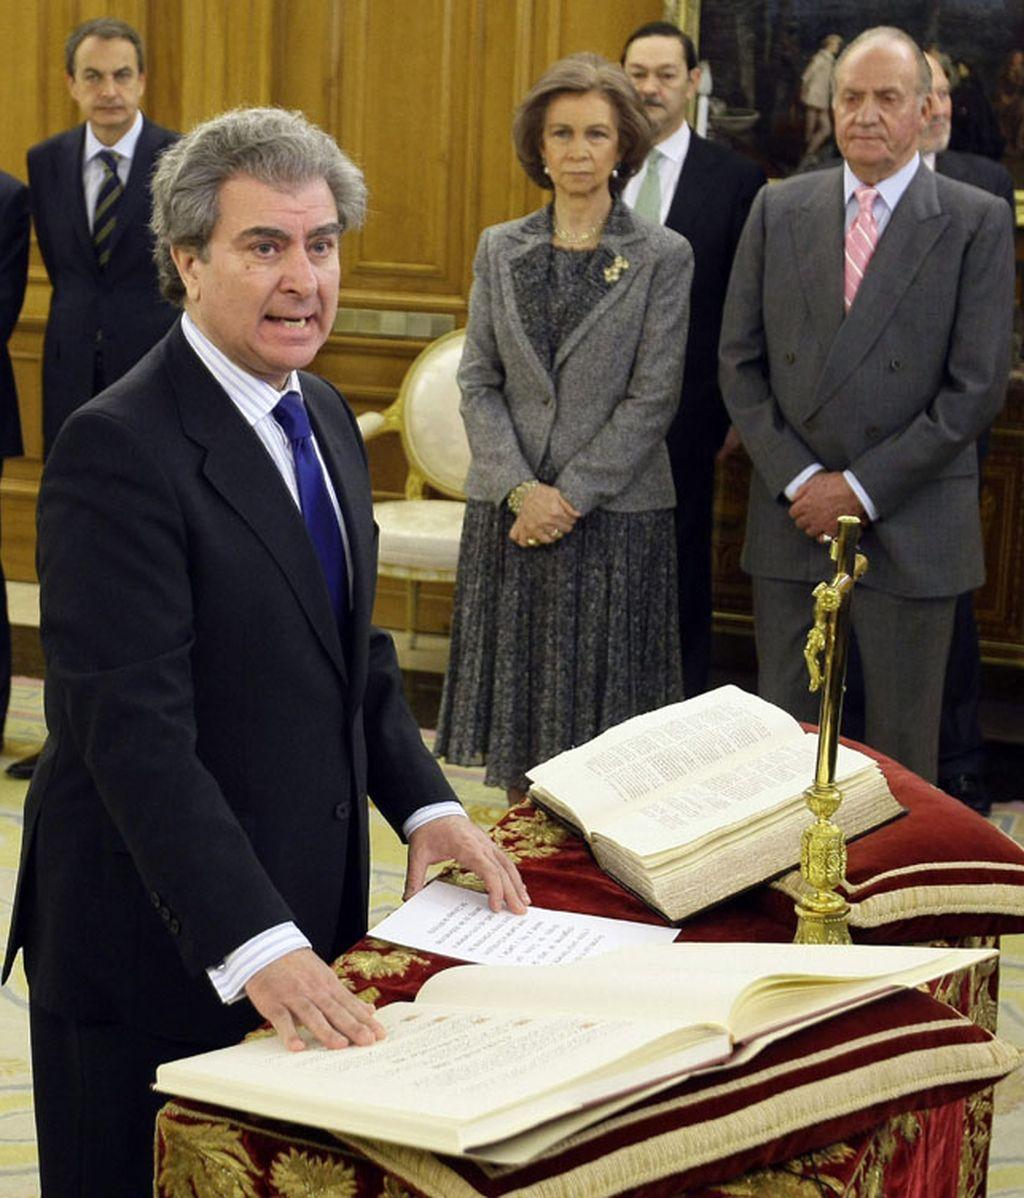 César Antonio Molina jurando el cargo de ministro de Cultura